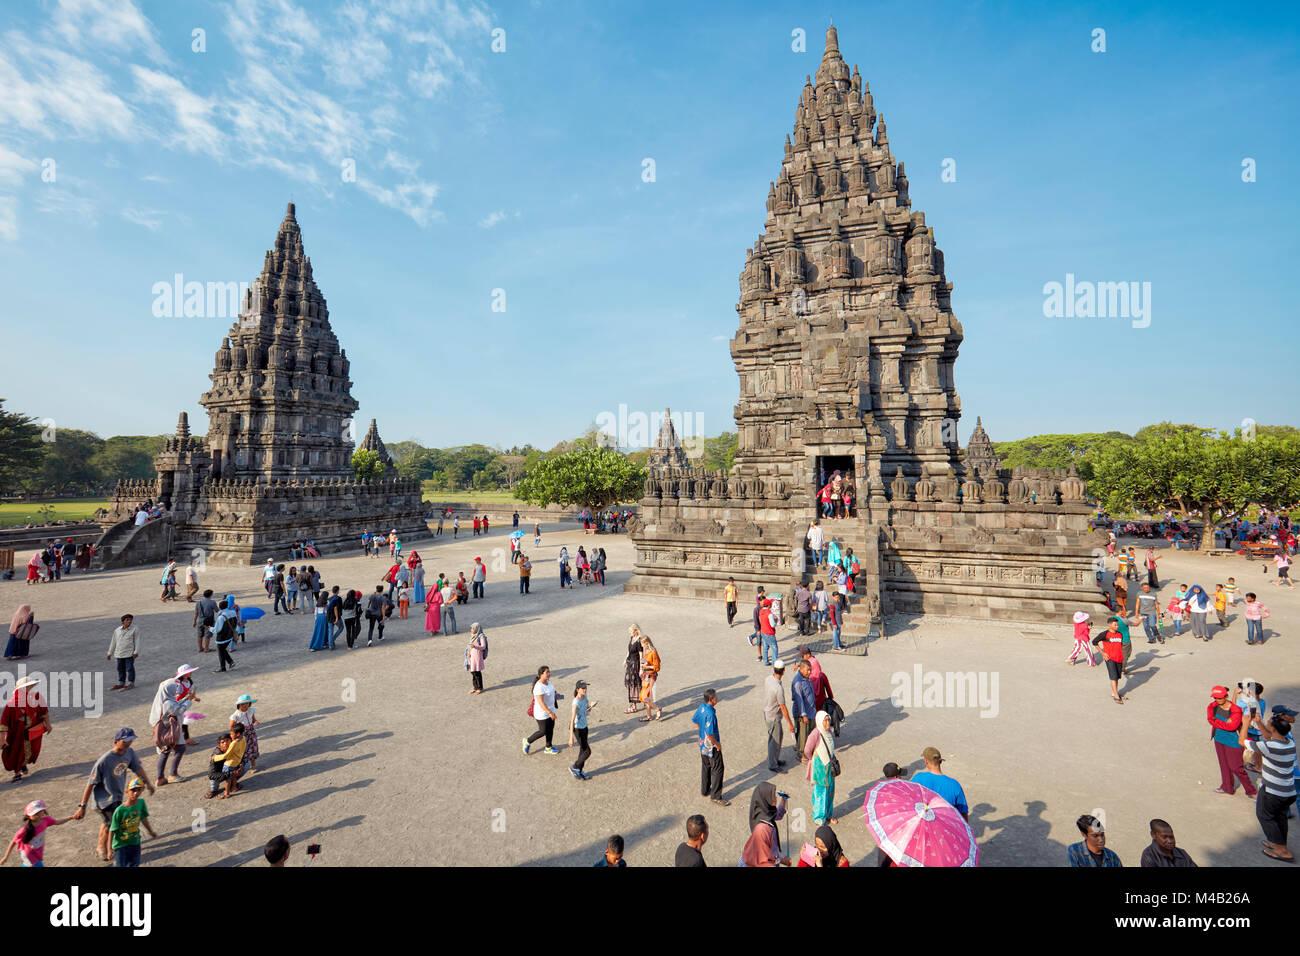 Los visitantes en el recinto del templo hindú de Prambanan. La región especial de Yogyakarta, en Java, Imagen De Stock